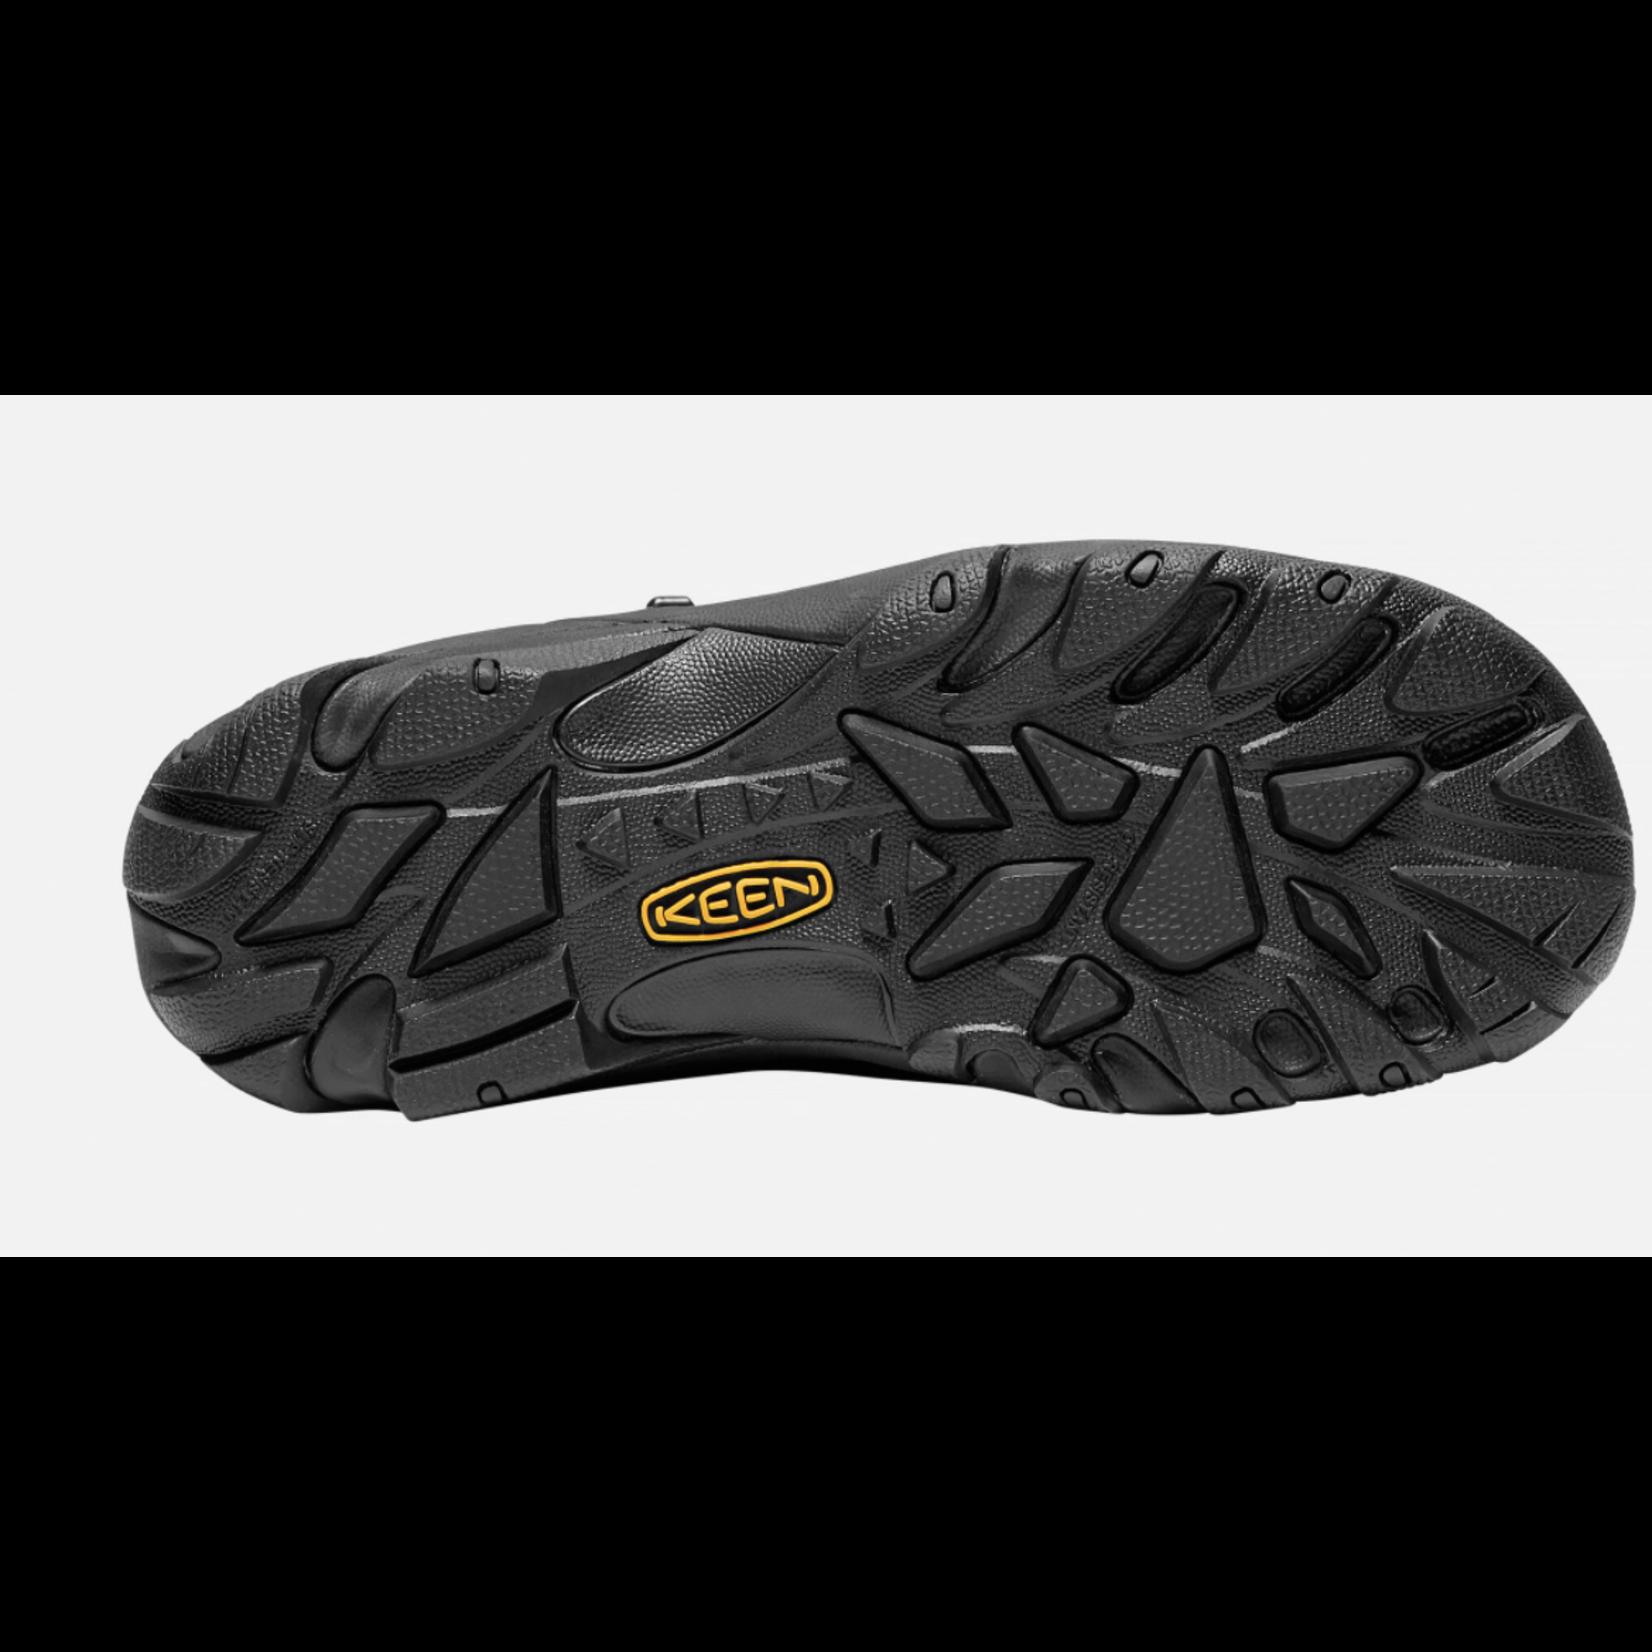 """Keen Keen Women's Detroit 8"""" Waterproof Boot (Soft Toe) - 1016984 - Width M"""